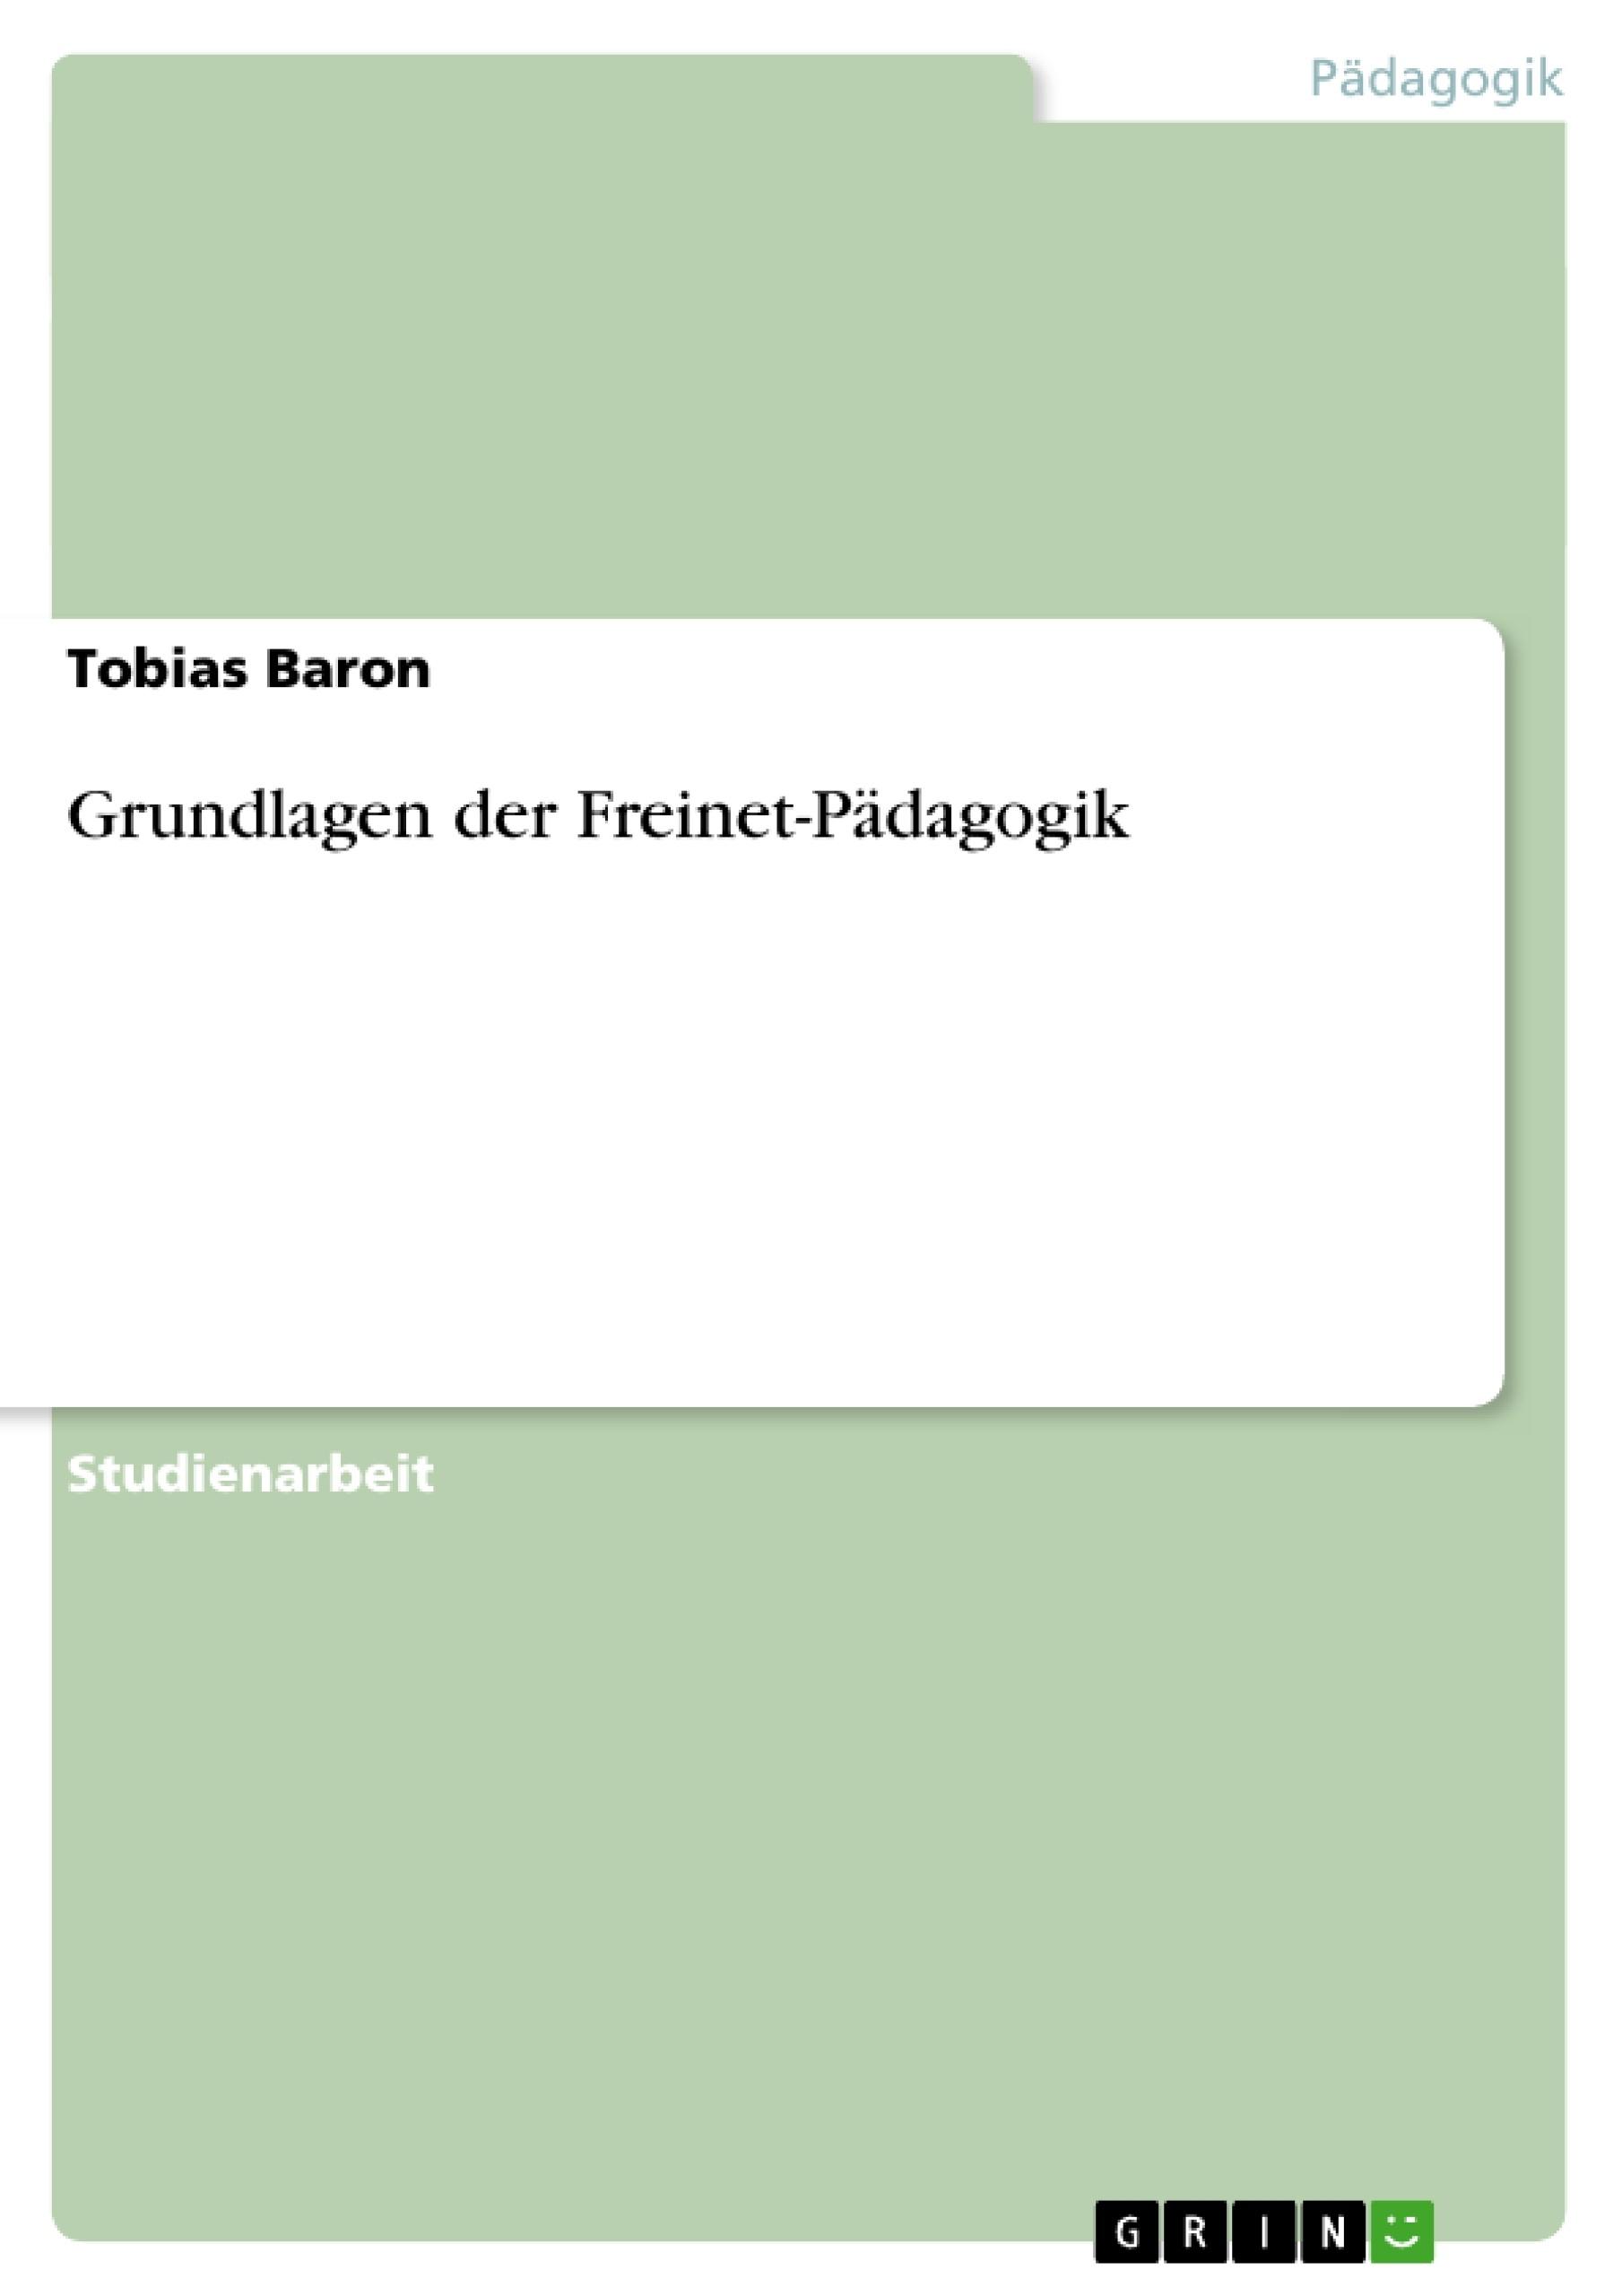 Titel: Grundlagen der Freinet-Pädagogik